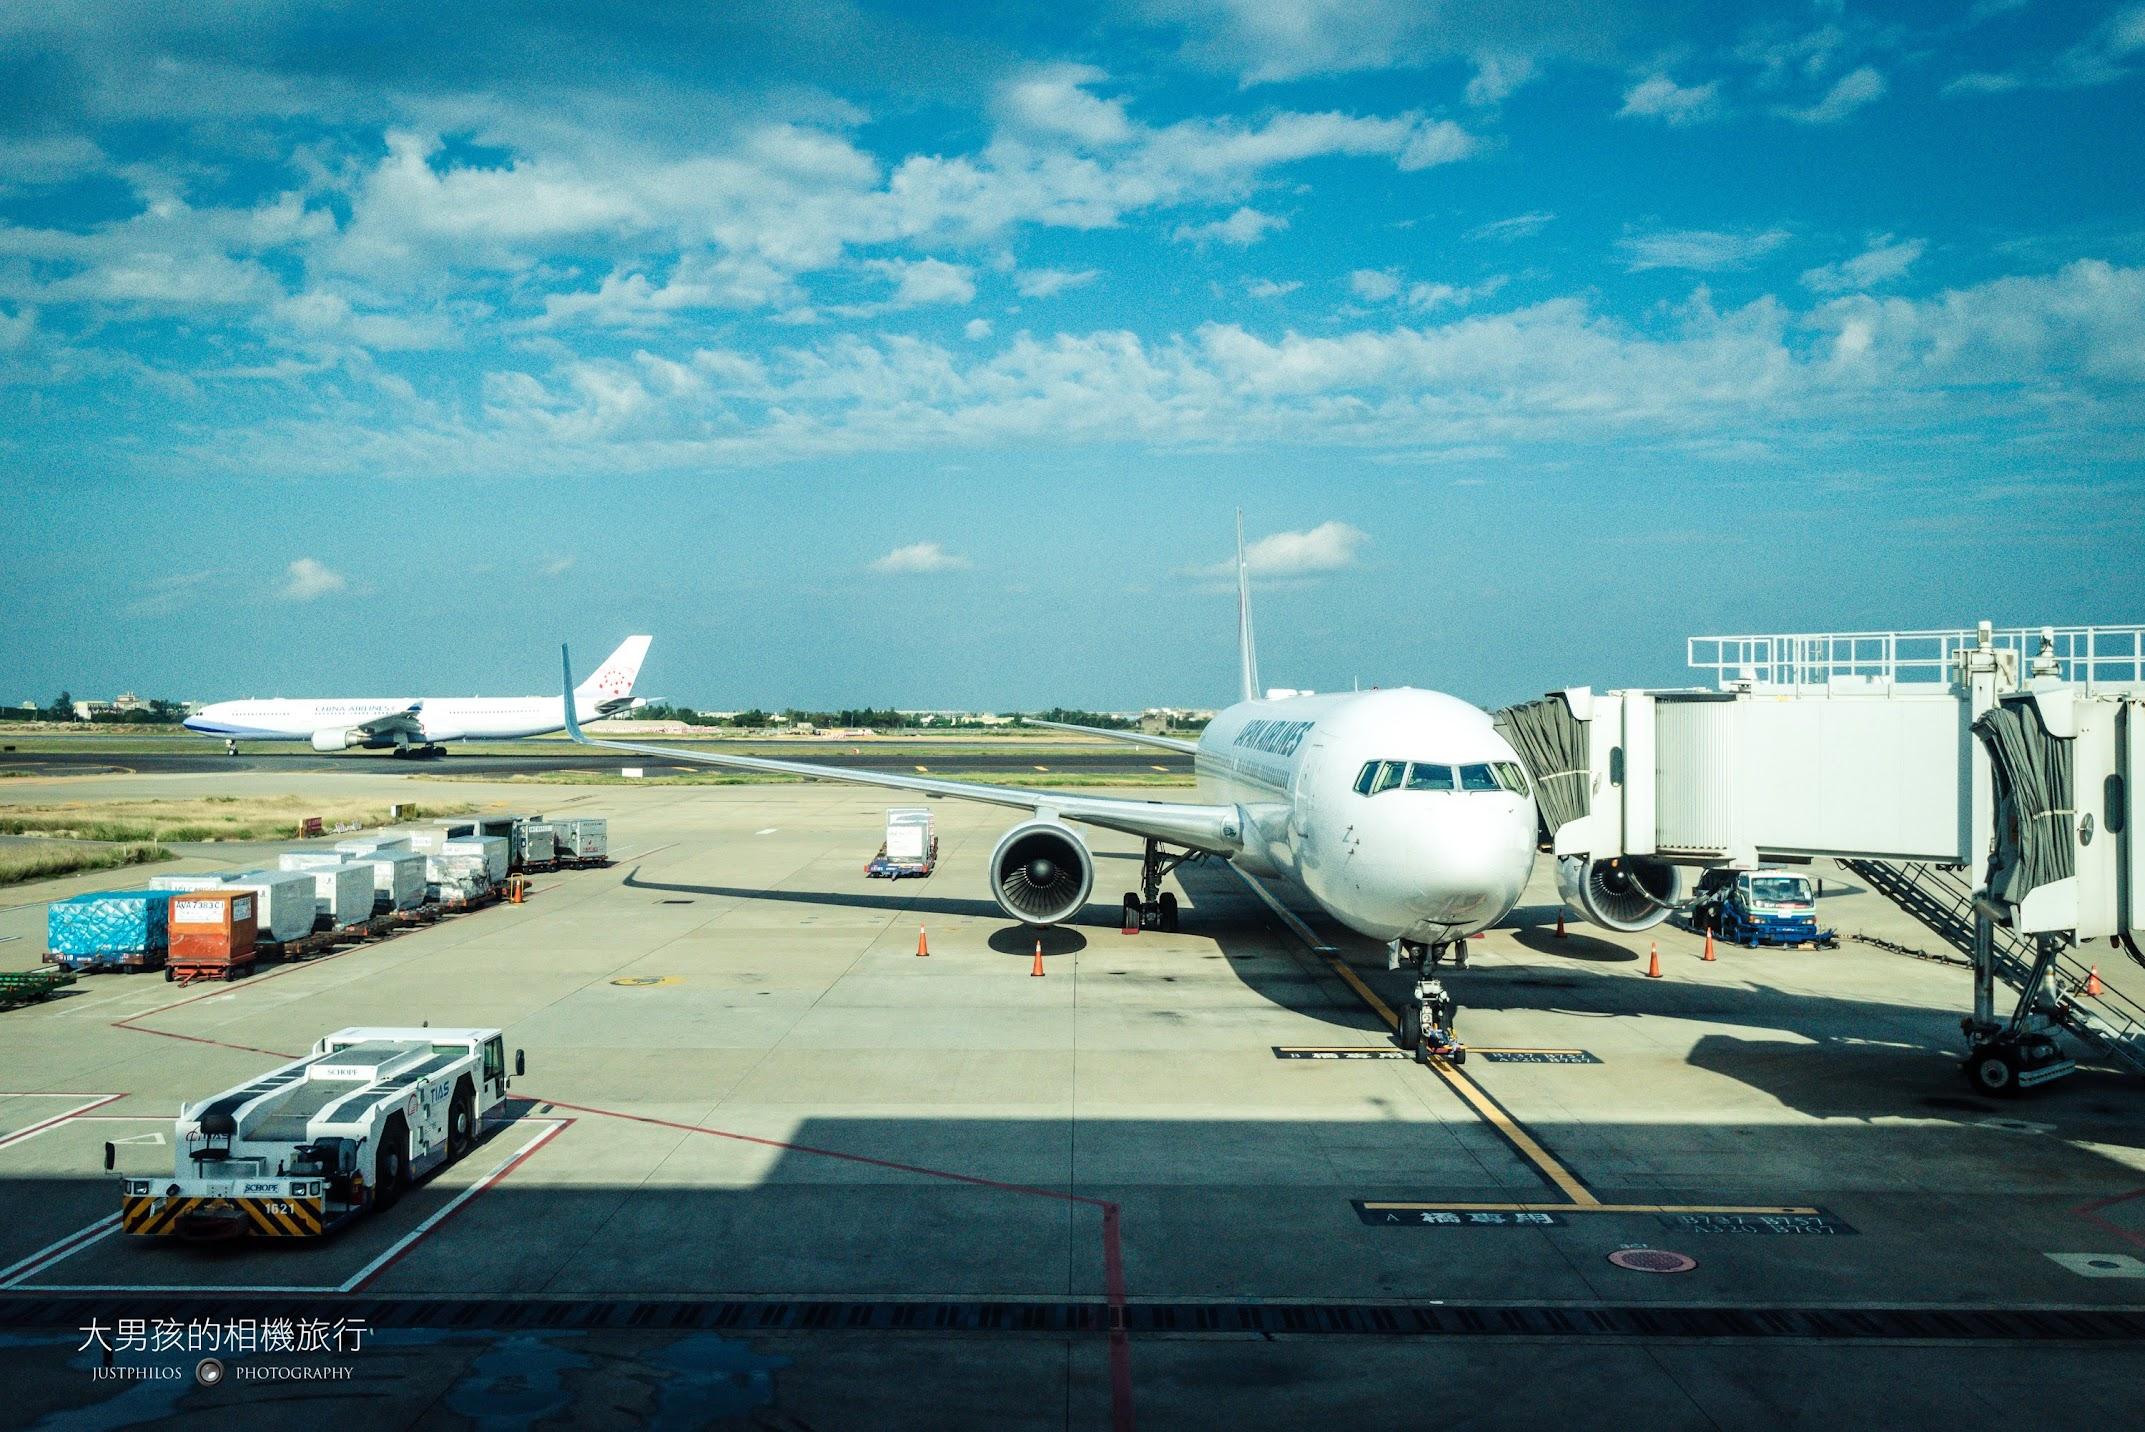 日本在台灣的航廈是在第二航廈,B767客機雖然是寬體客機,但從外頭看還是十分修長。